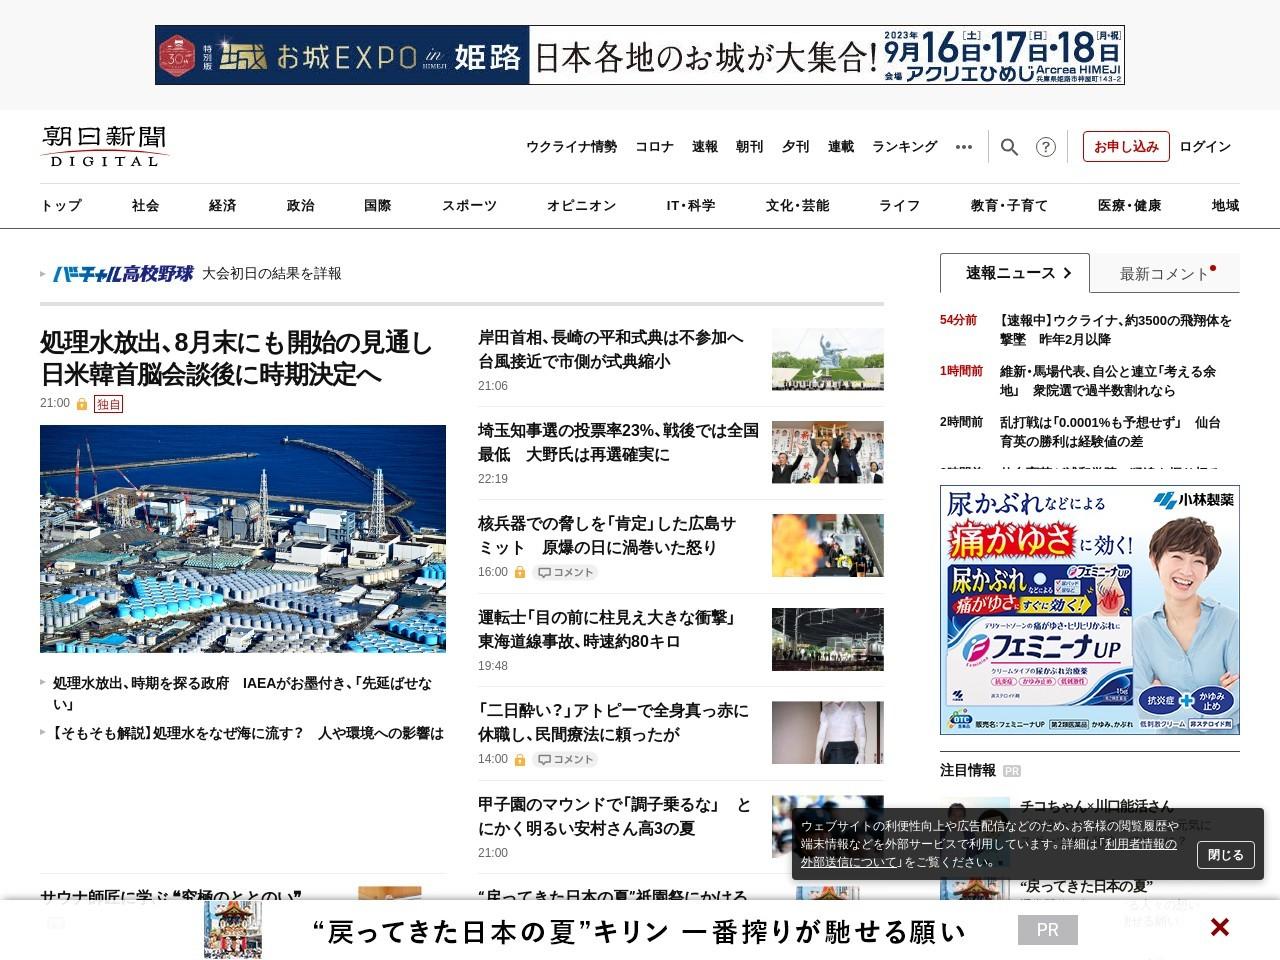 人気IT入門書 スッキリシリーズ、執筆陣による読者サポートサイト「sukkiri.jp」を開設